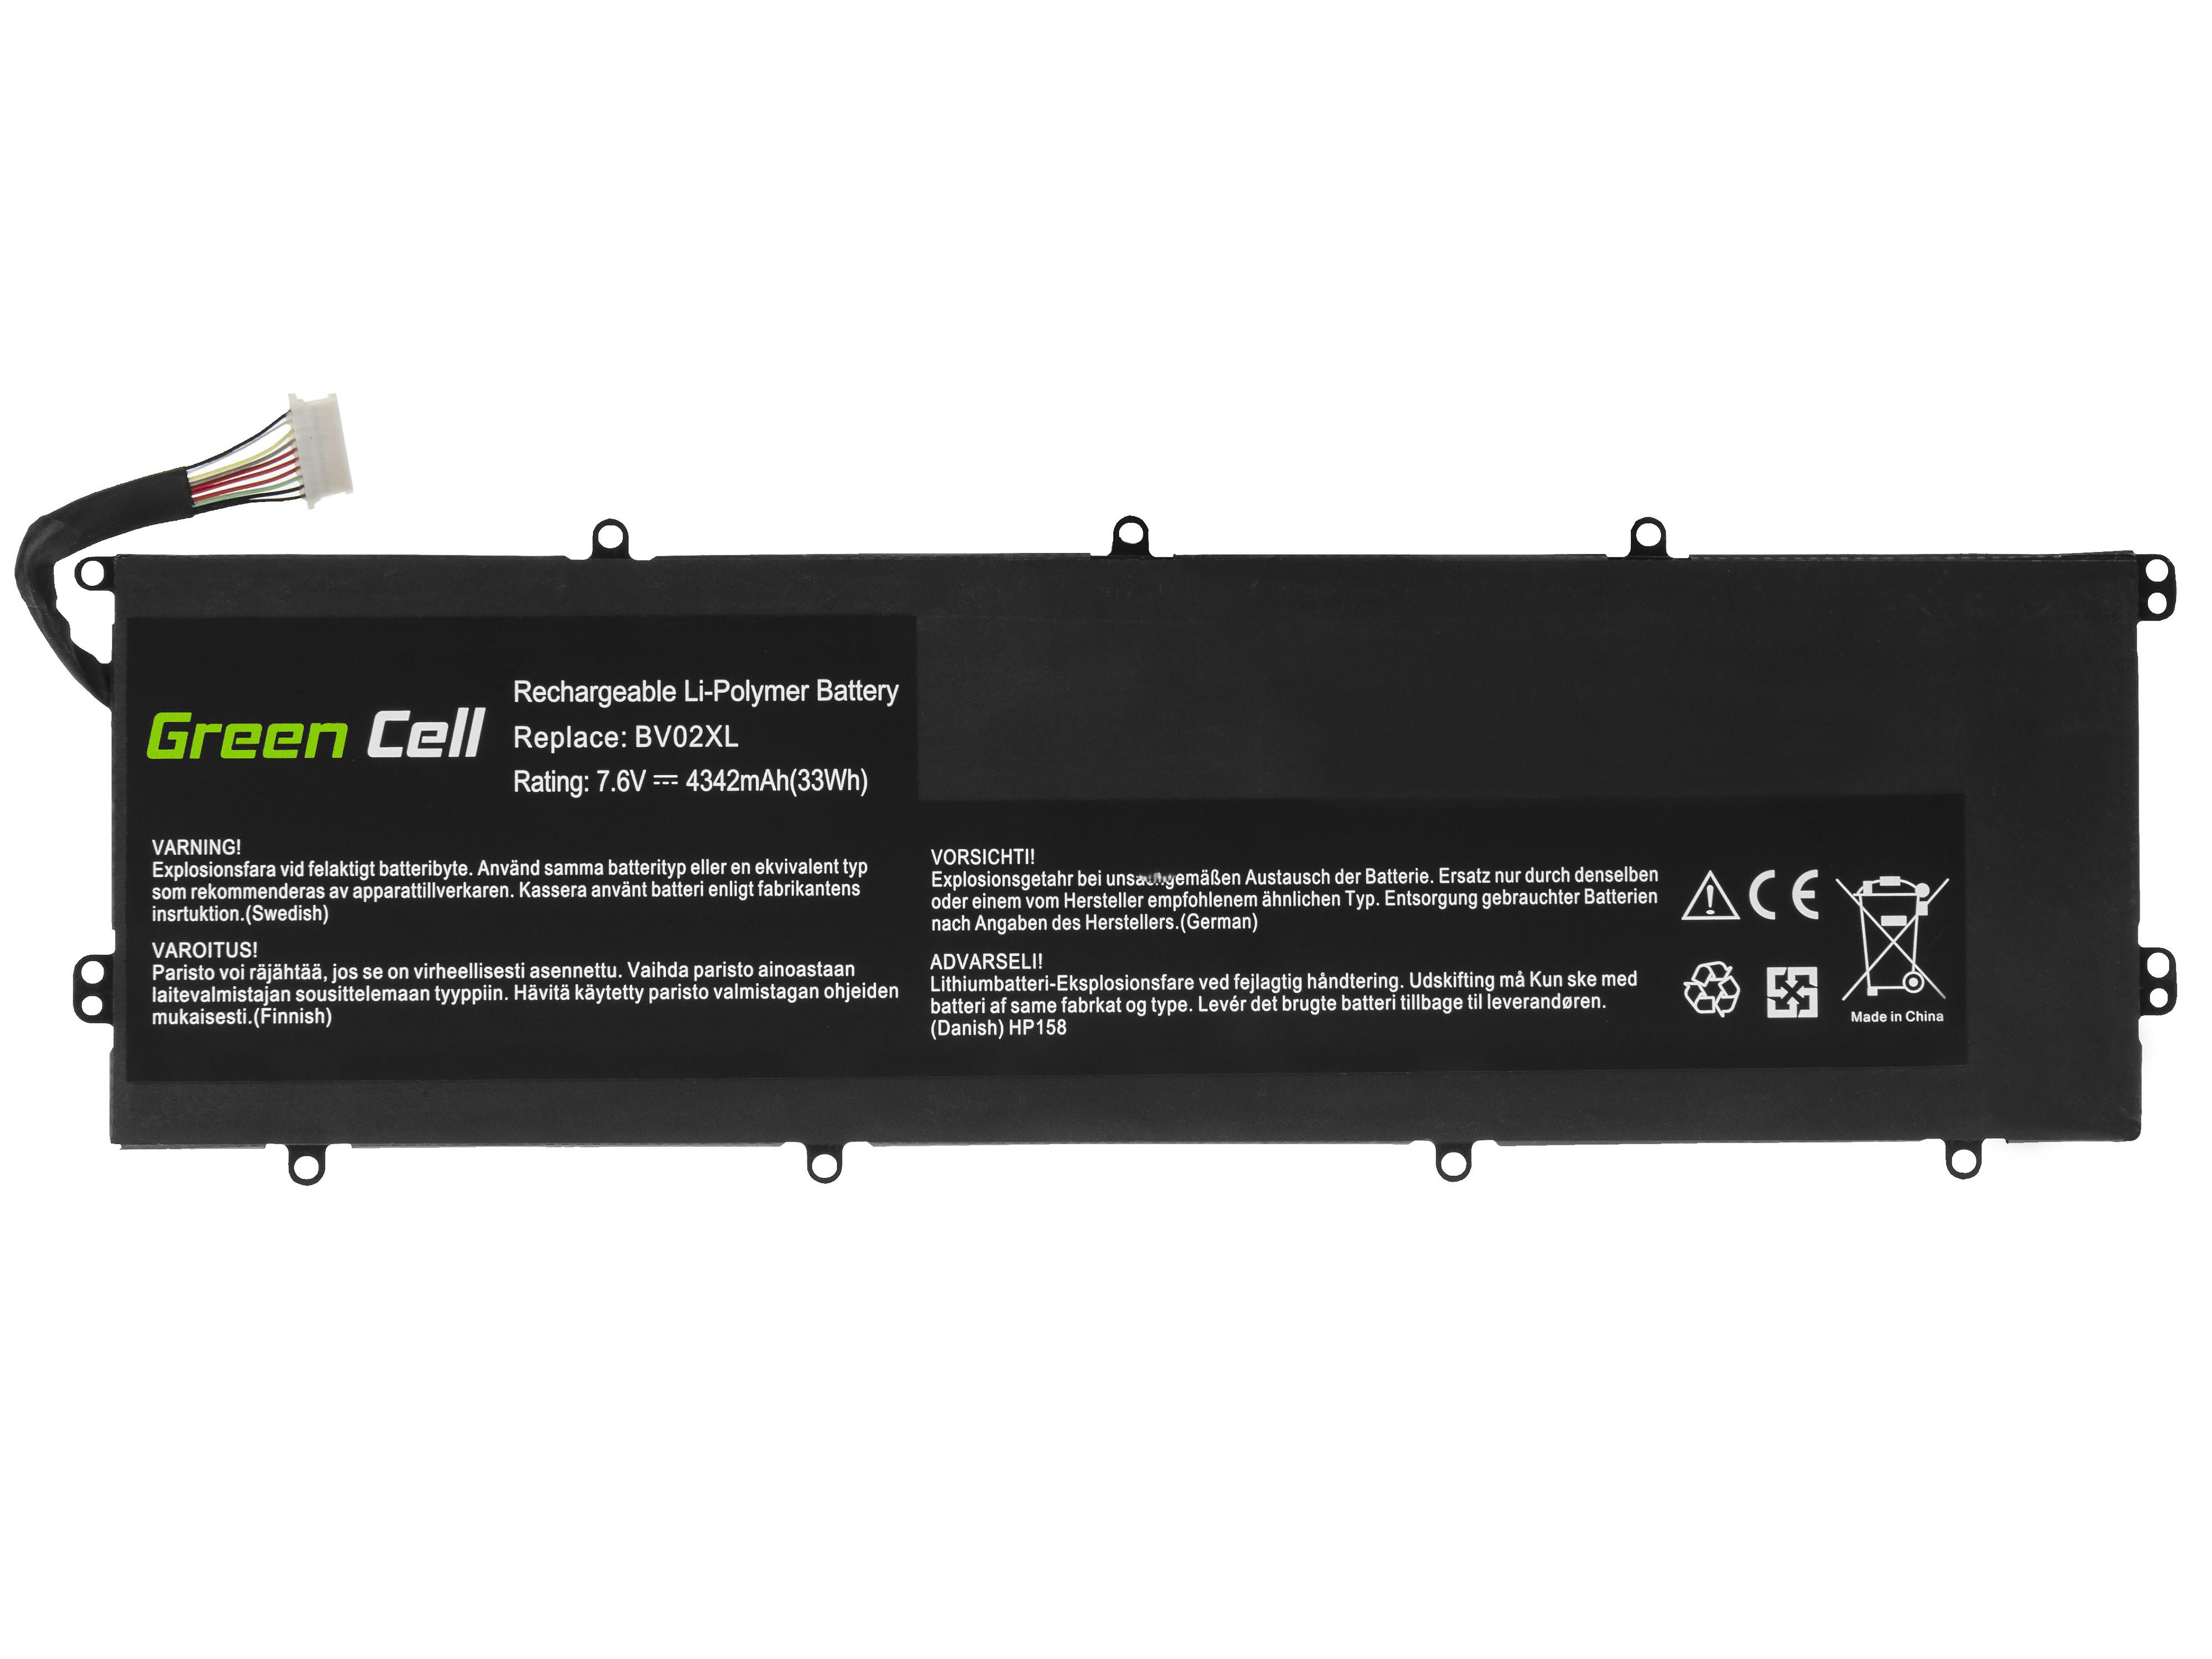 Green Cell HP158 Baterie HP BV02XL, HP Envy x2 13-J 13-J010NW 13-J011NW 4342mAh Li-Pol – neoriginální